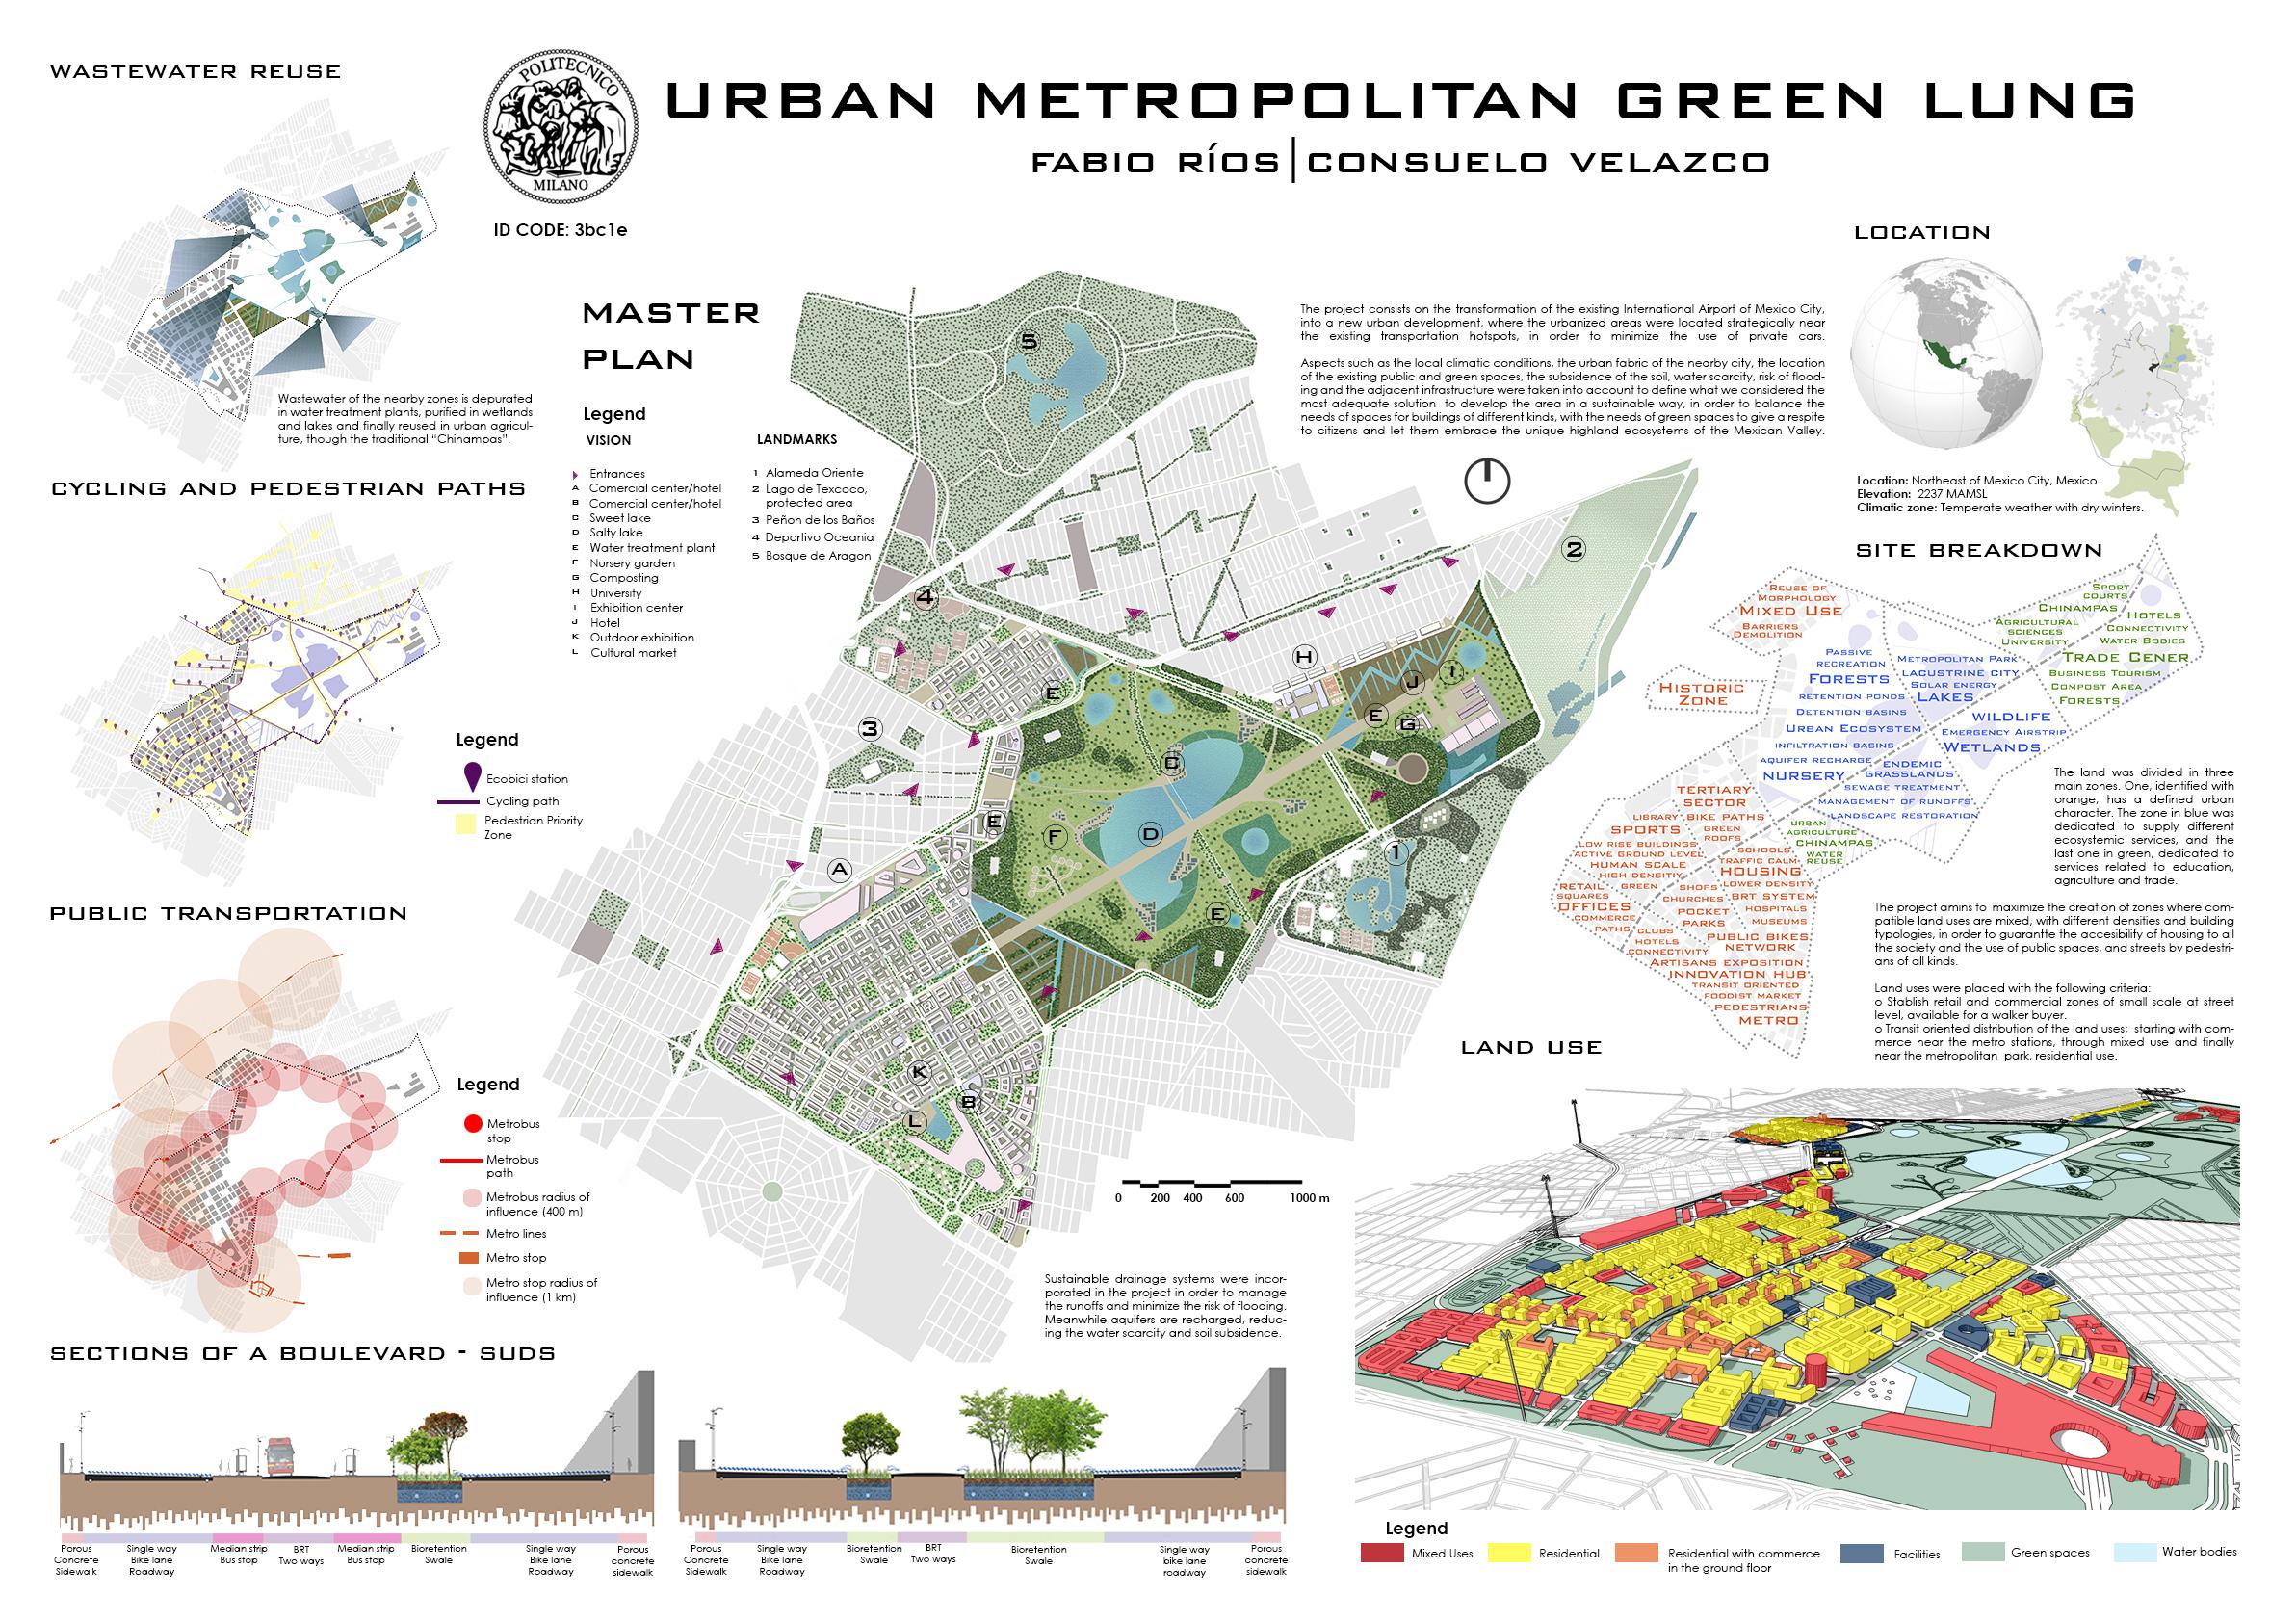 URBAN METROPOLITAN GREEN LUNG Board